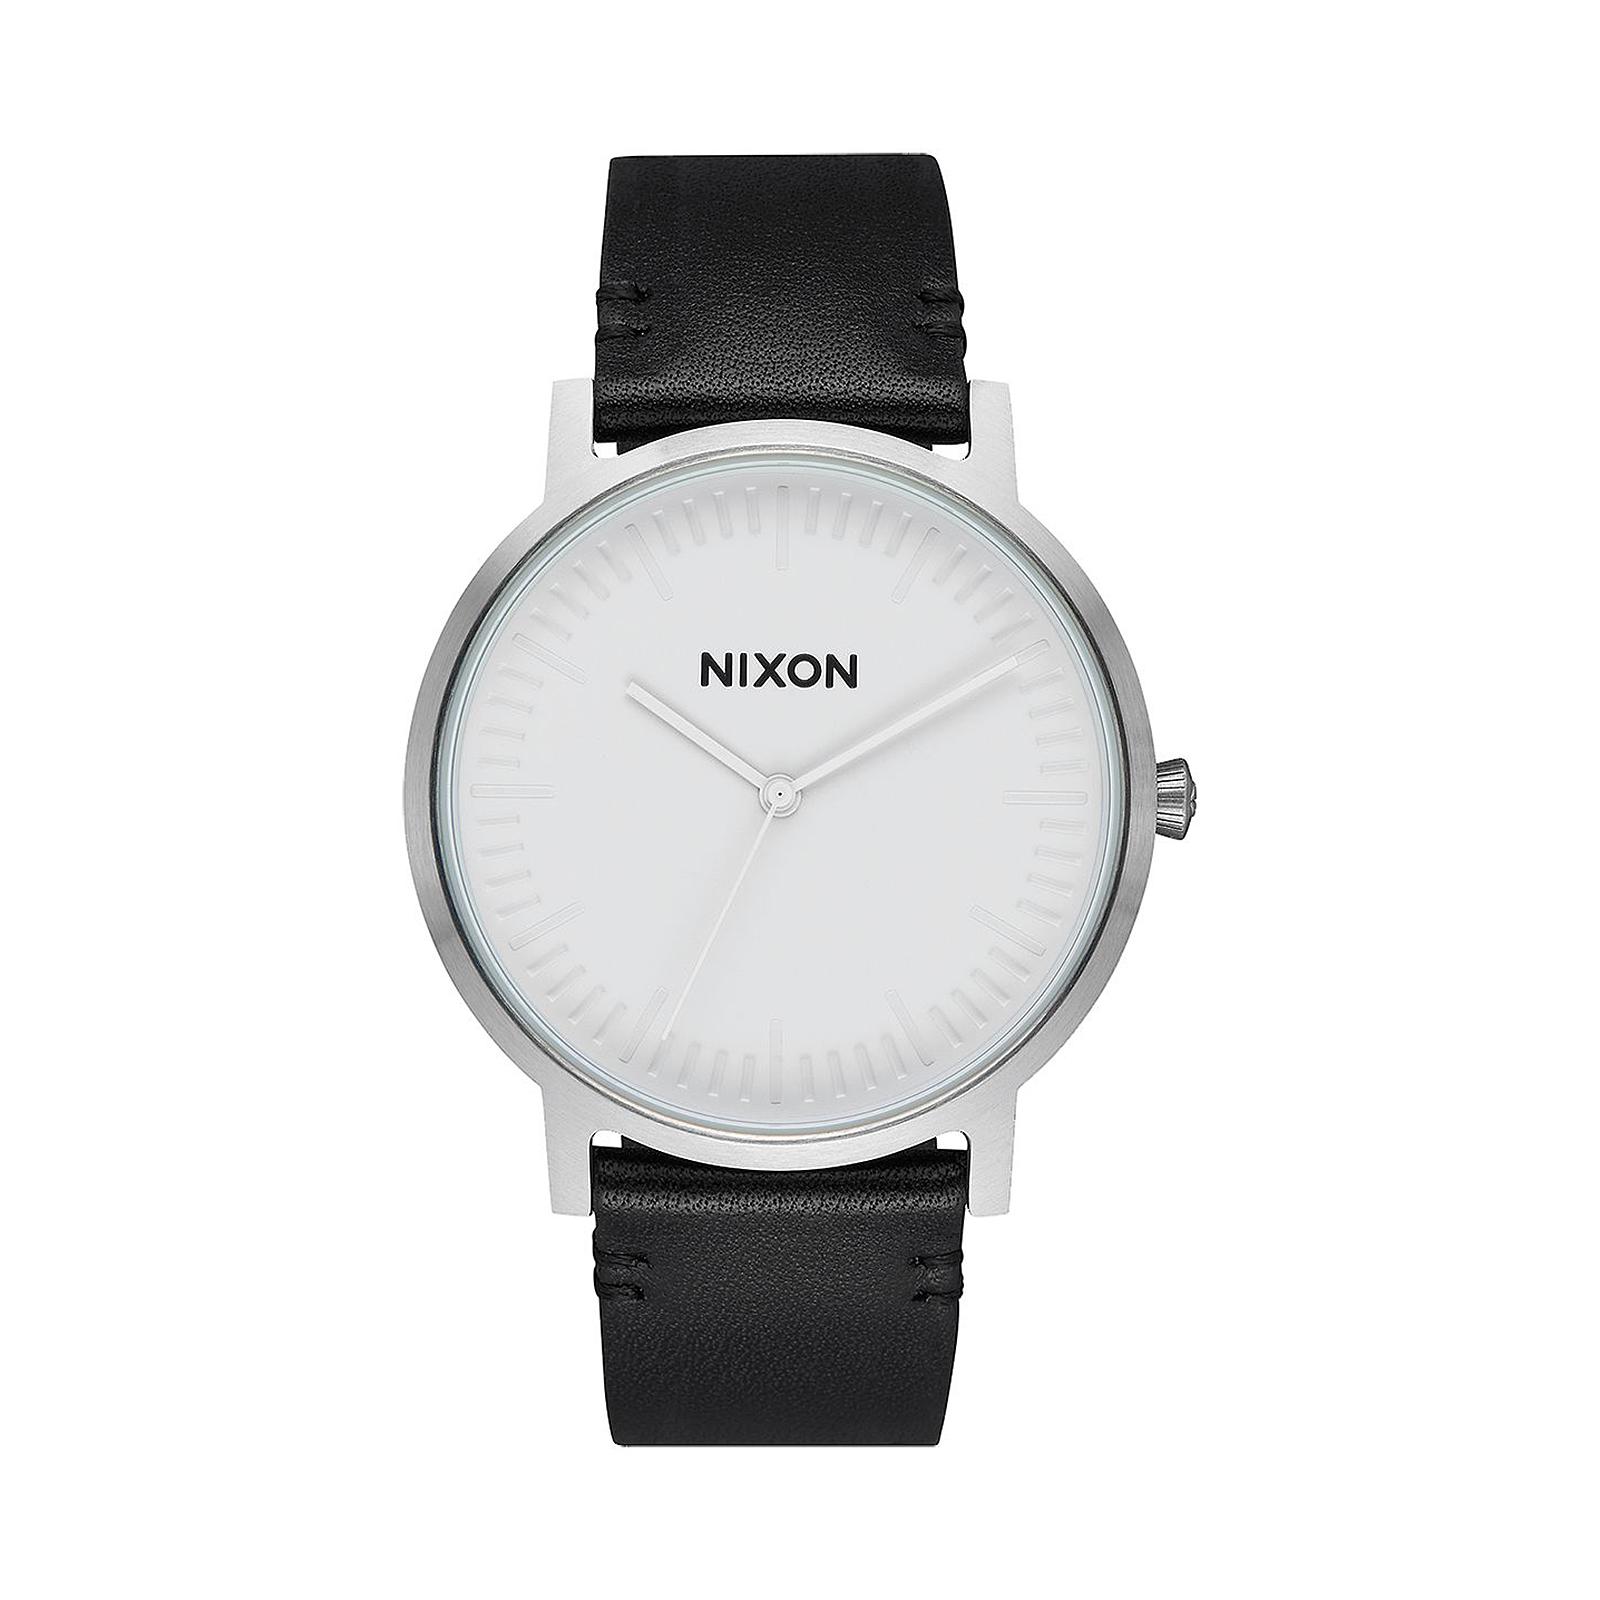 foto ufficiali cc1f4 1ddb8 Dettagli su Nixon Orologi Porter Leather White / Silver / Black, 40Mm Bianco